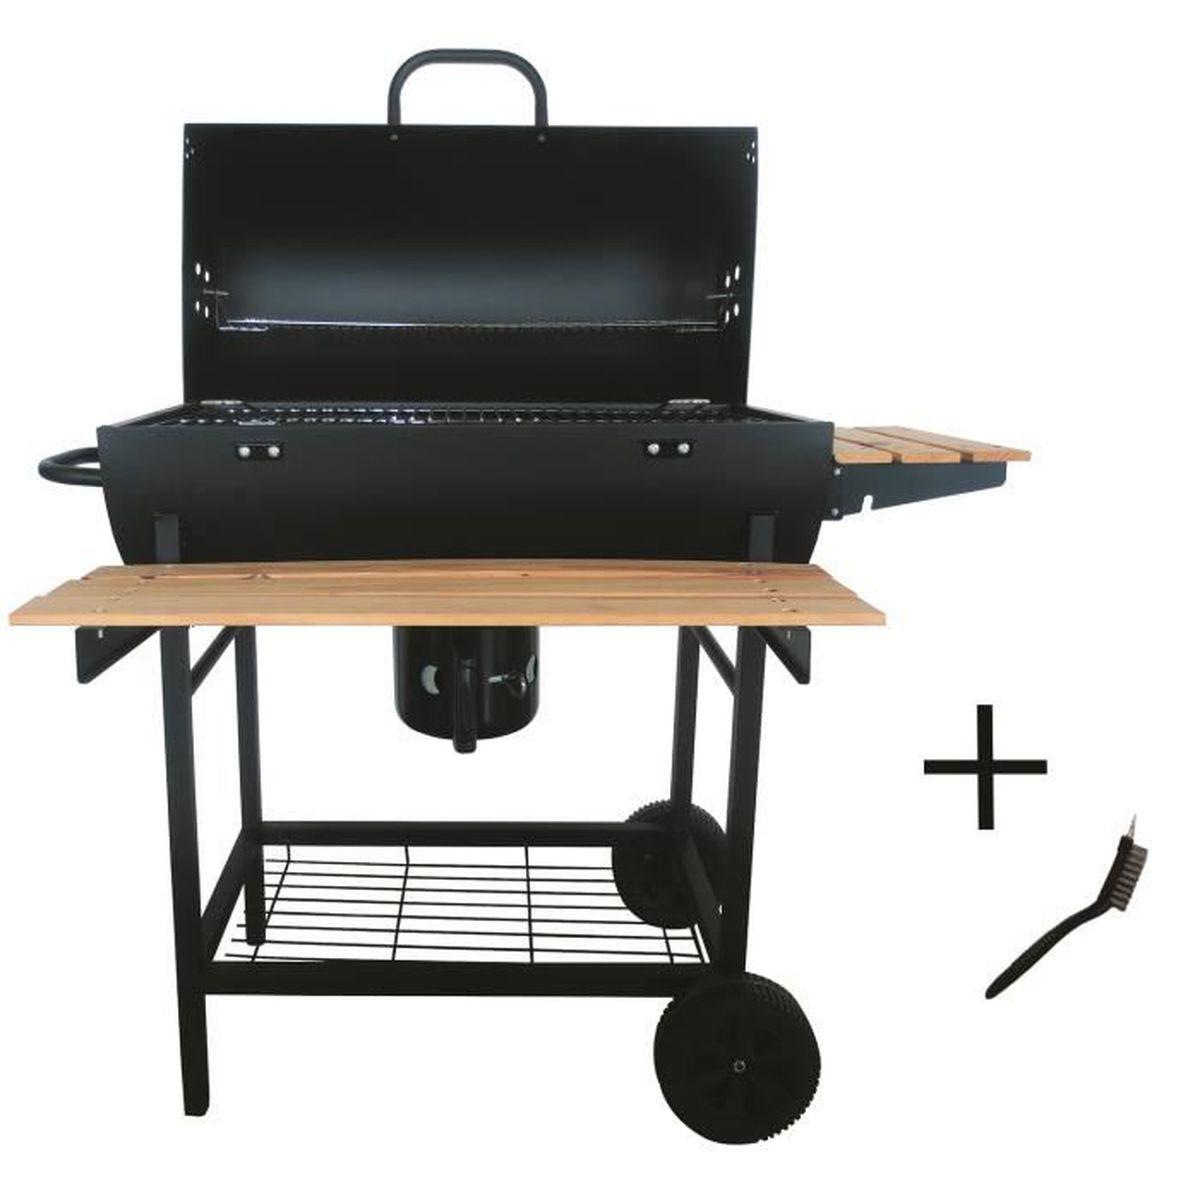 Préparer Un Barbecue Pour 20 Personnes robby - barbecue à charbon 70x35cm + brosse - smoker chef xl